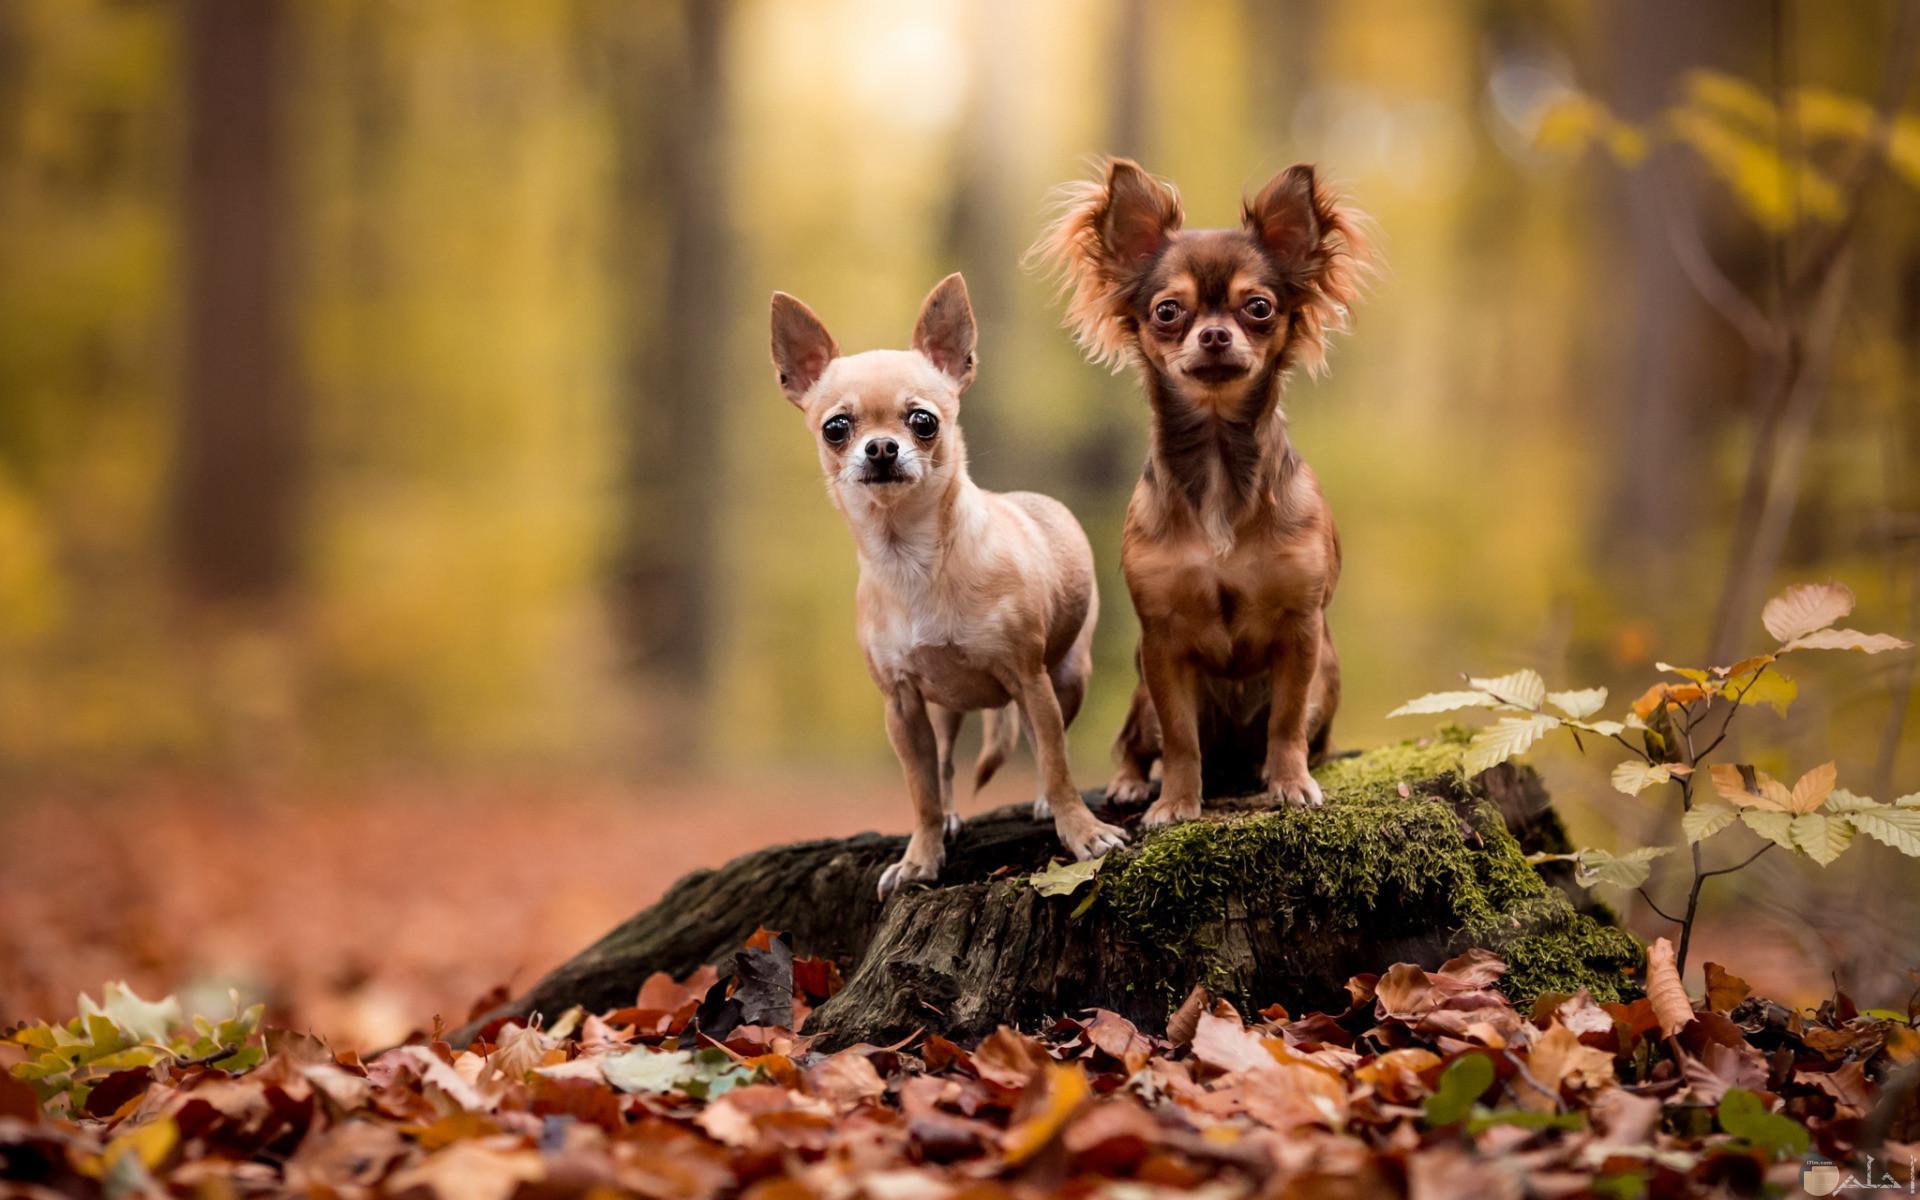 كلاب شيواوا بأشكالها.